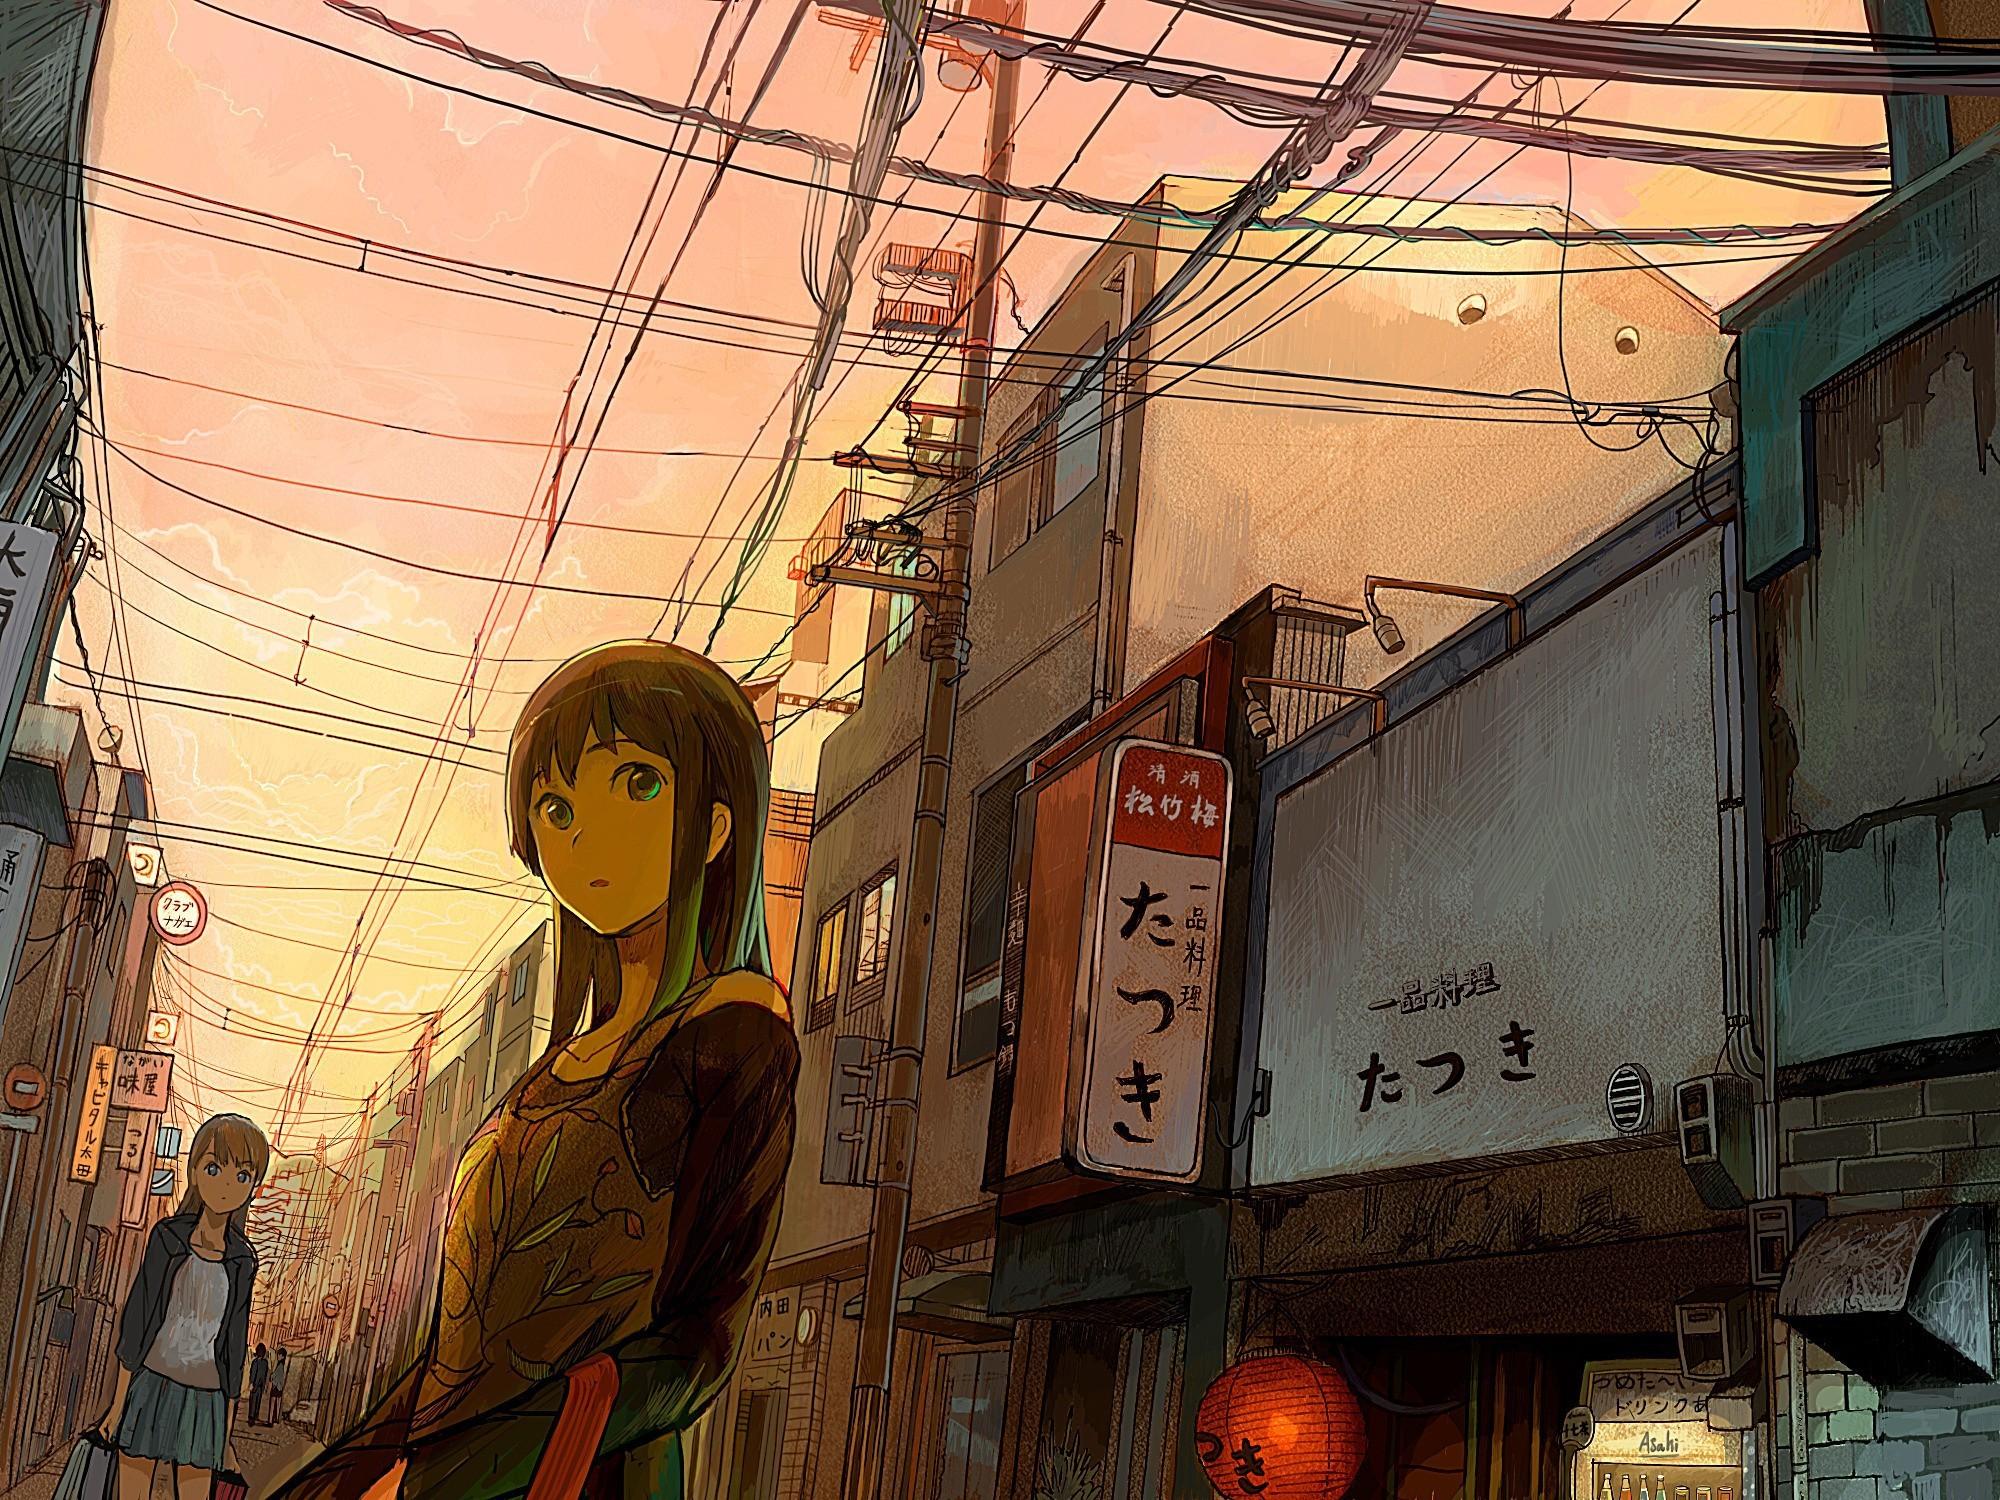 244798-anime-city-wallpaper-2000x1500-for-htc.jpg